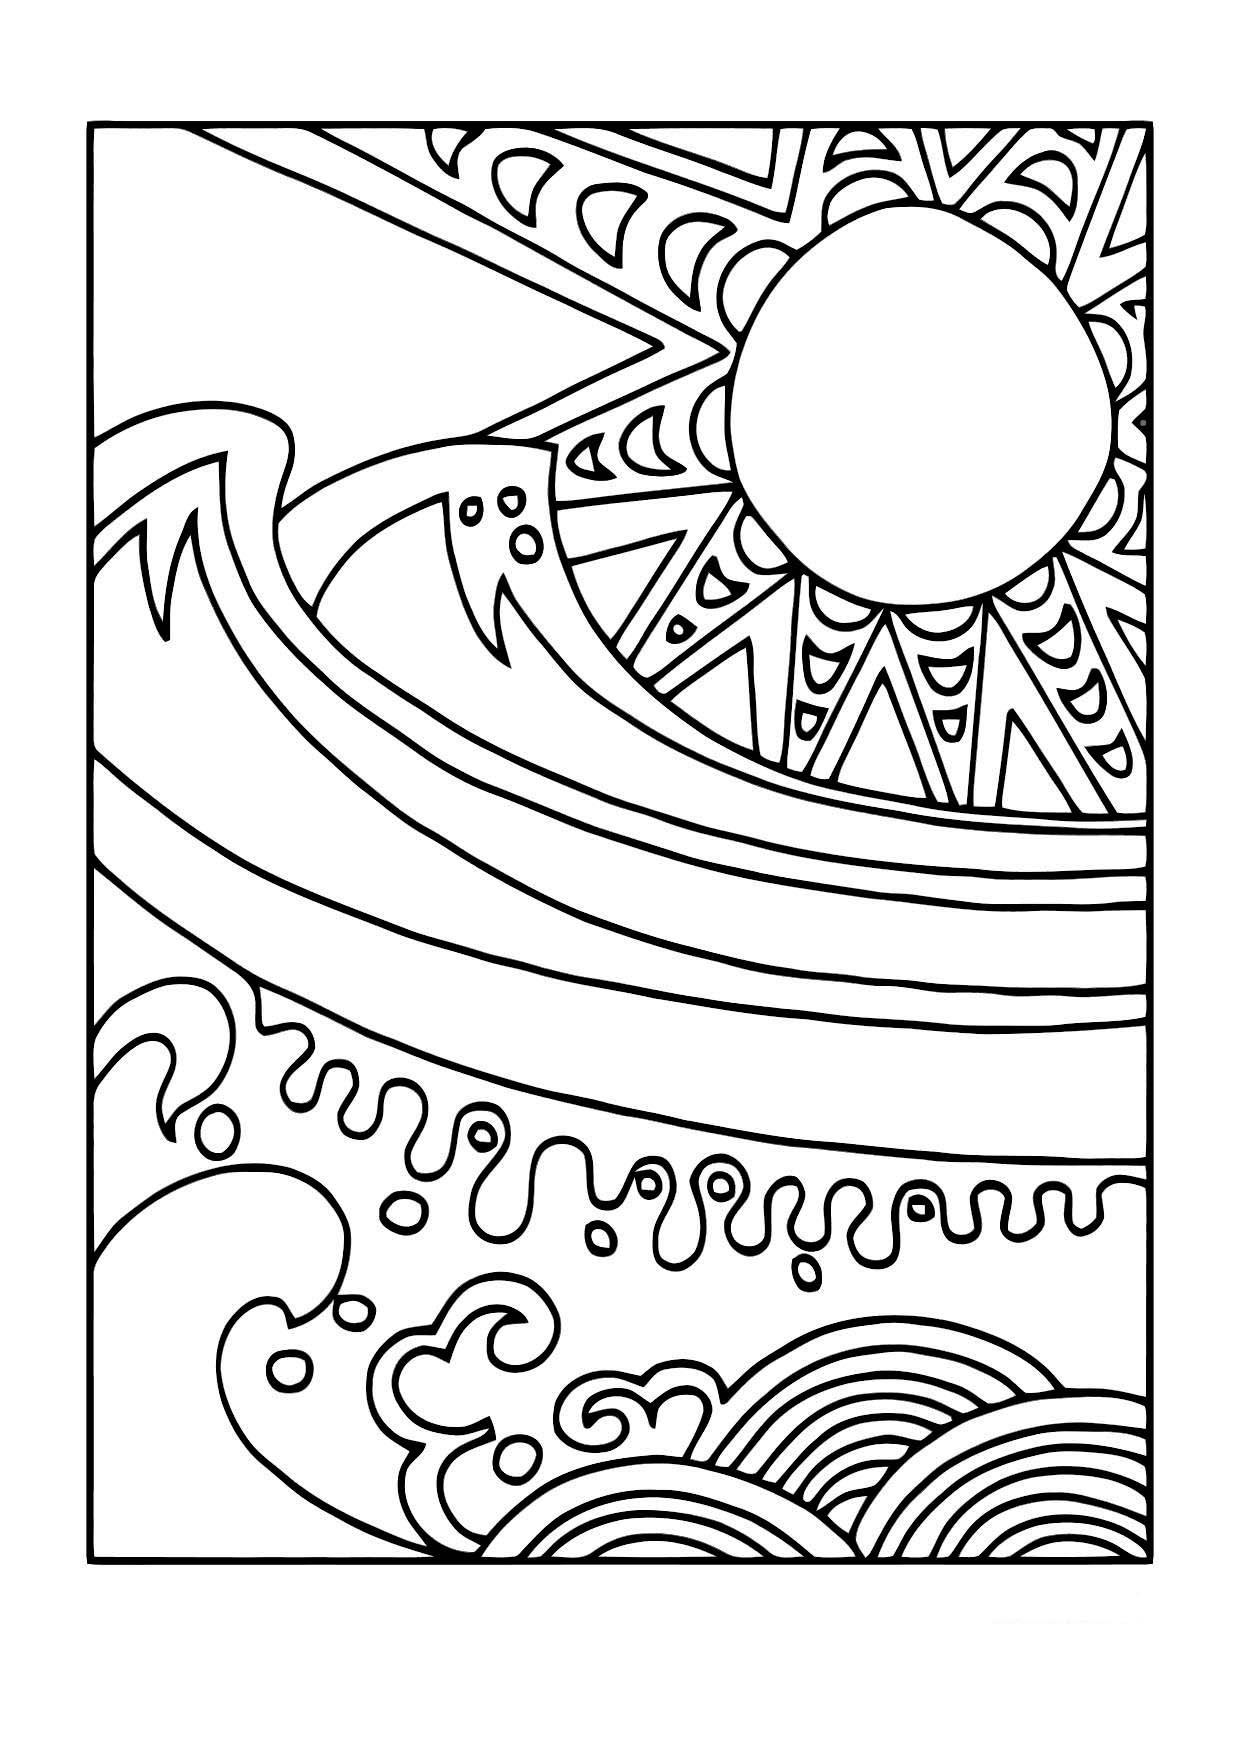 Disegno da colorare sole e mare cat 11440 images for Sole disegno da colorare